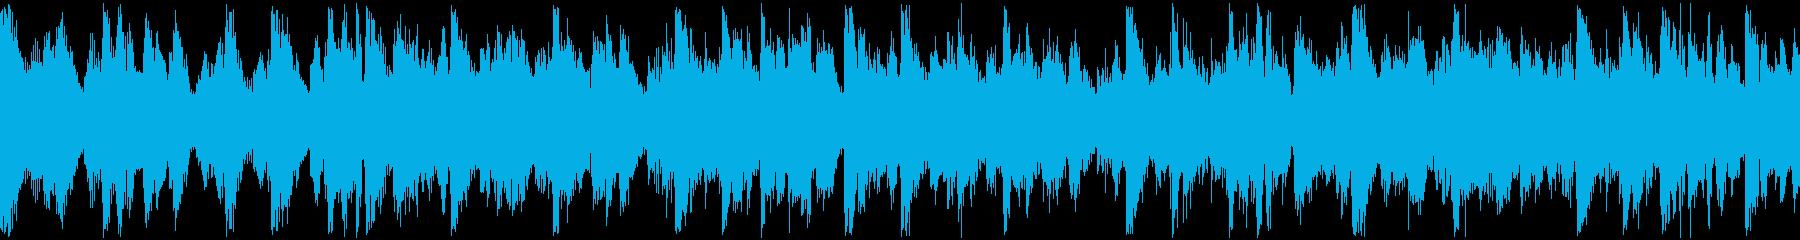 ミニマルなマリンバとストリングスのループの再生済みの波形